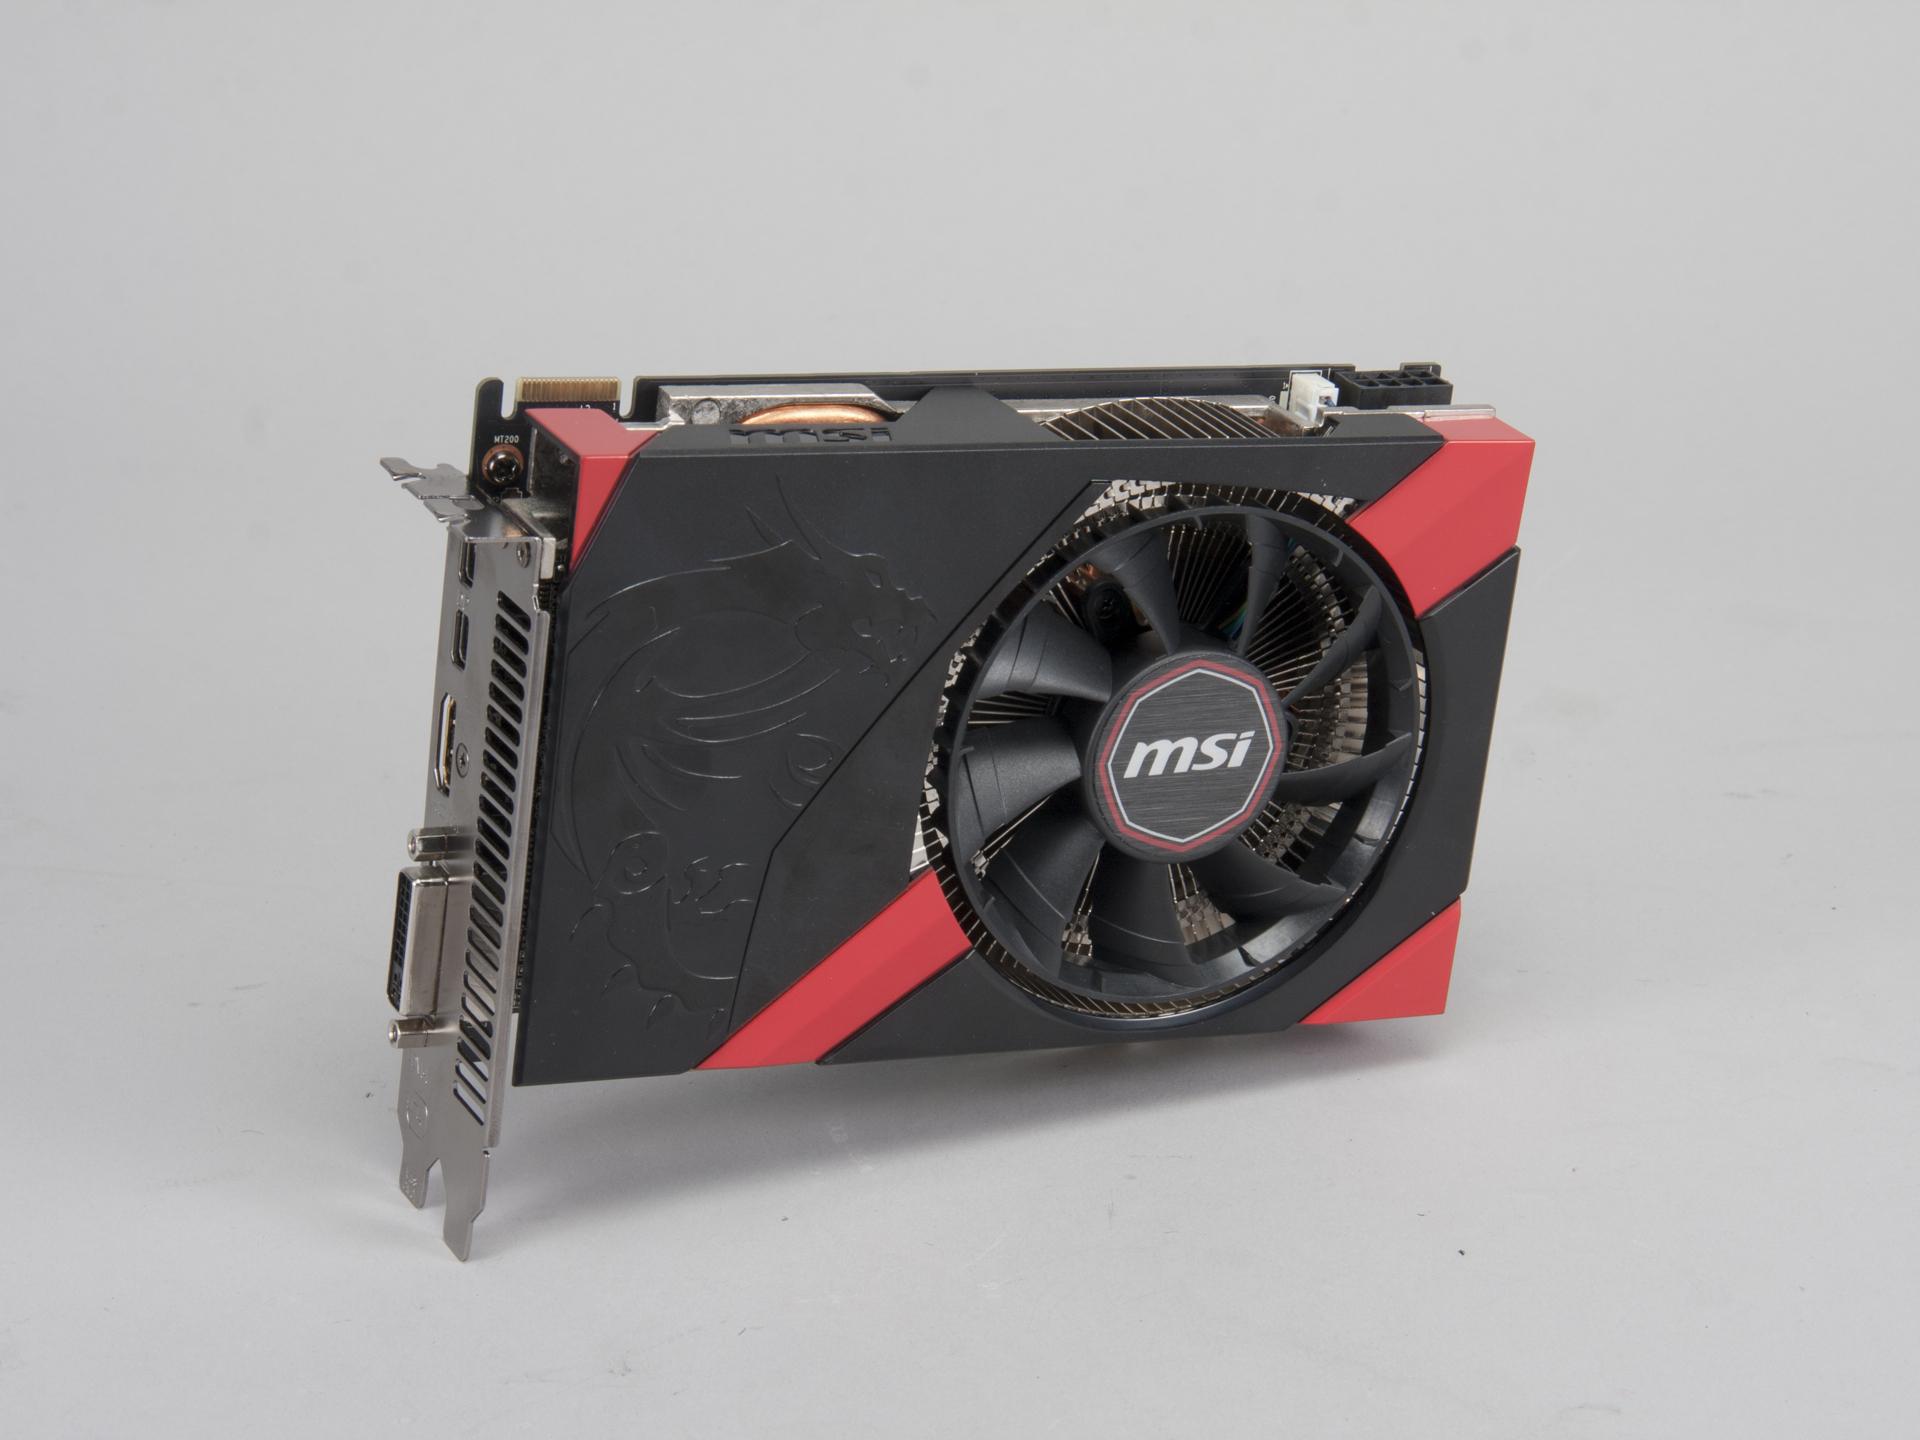 迷你市場無對手,Mini-ITX小顯卡微星R9 270X Gaming ITX